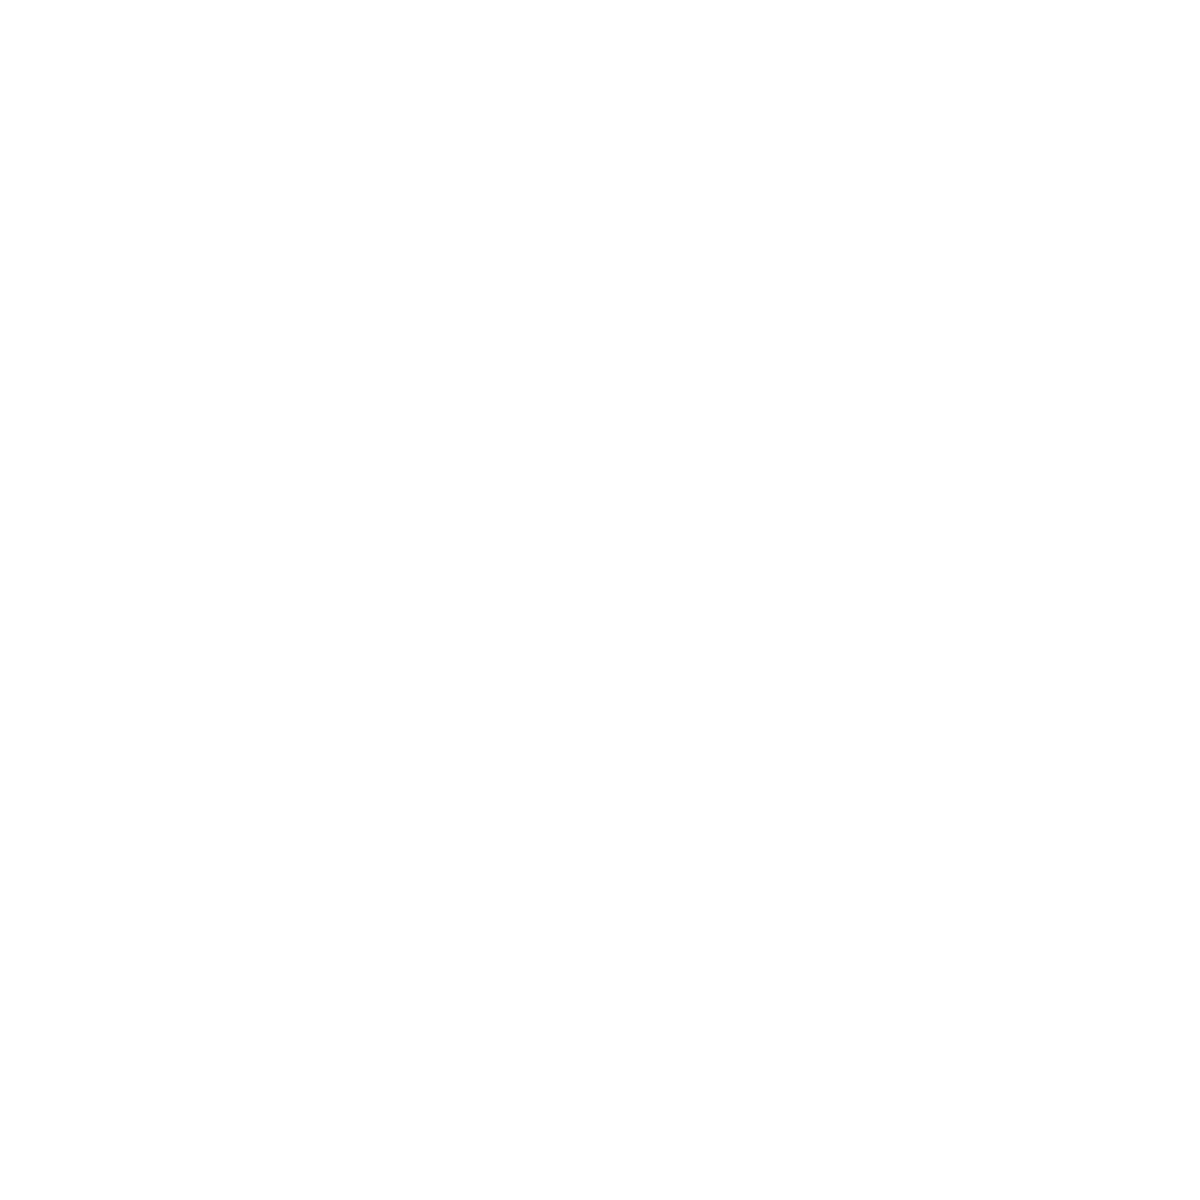 EagleValeLogo